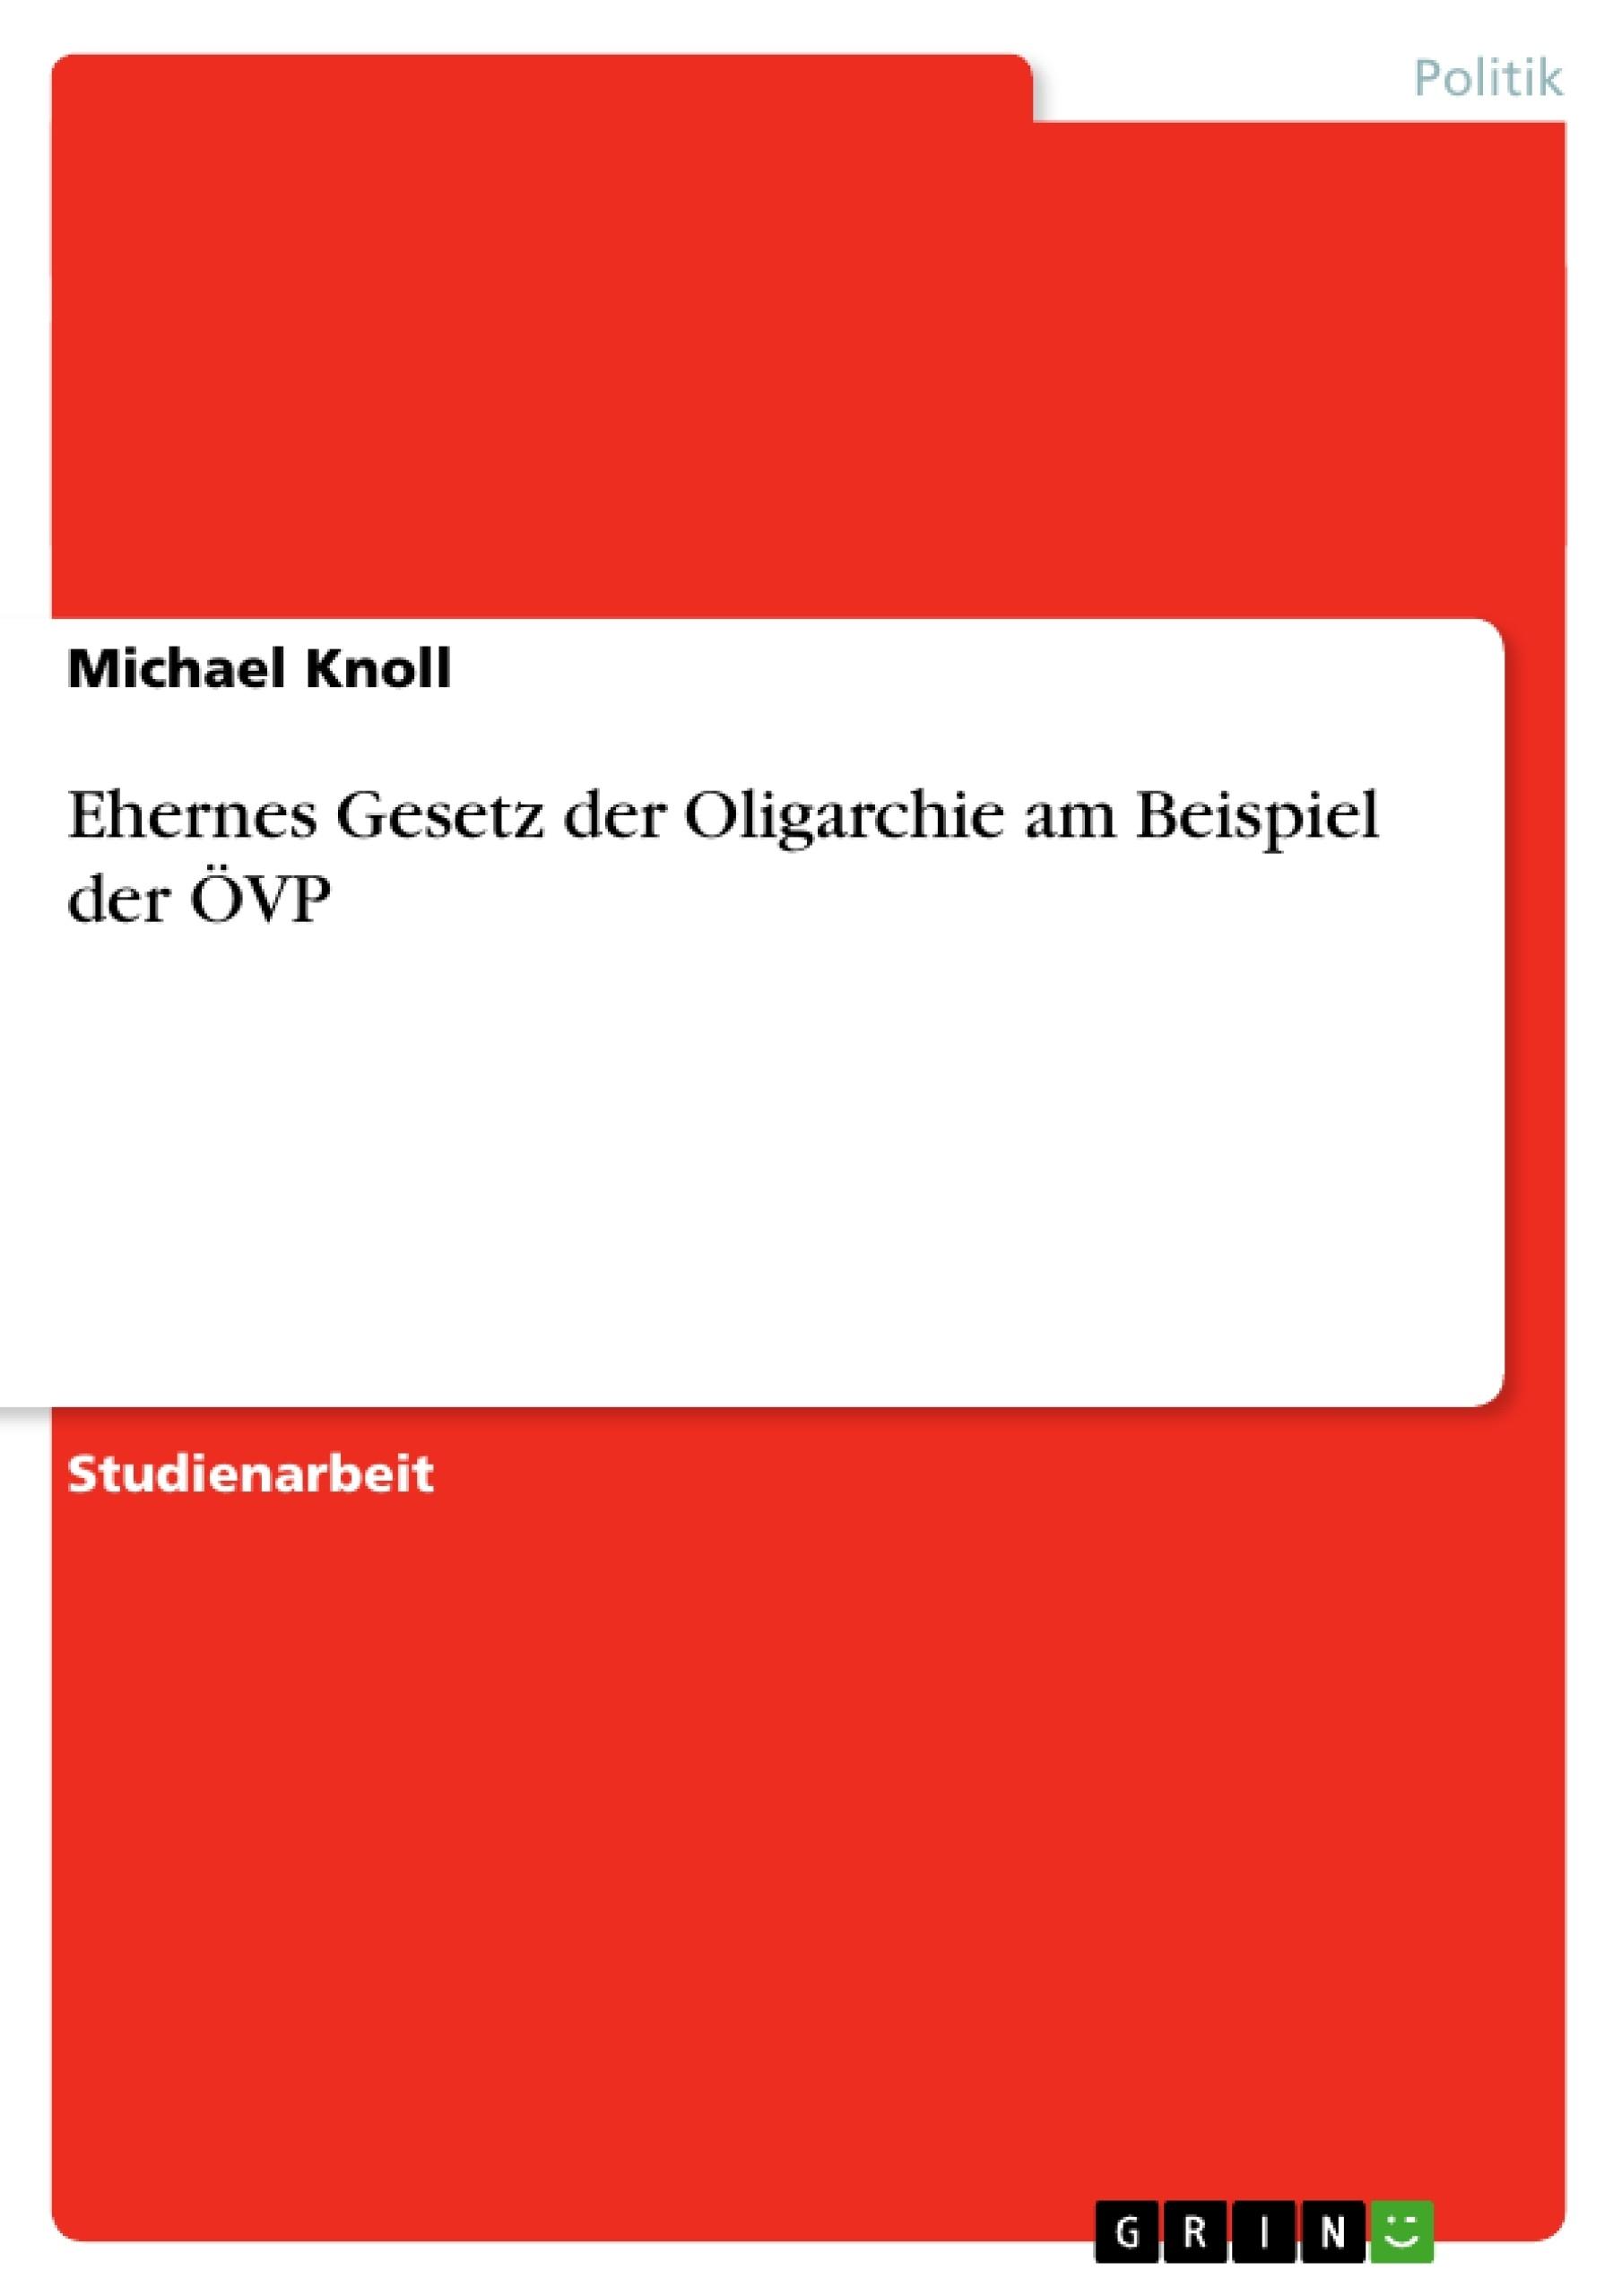 Titel: Ehernes Gesetz der Oligarchie am Beispiel der ÖVP